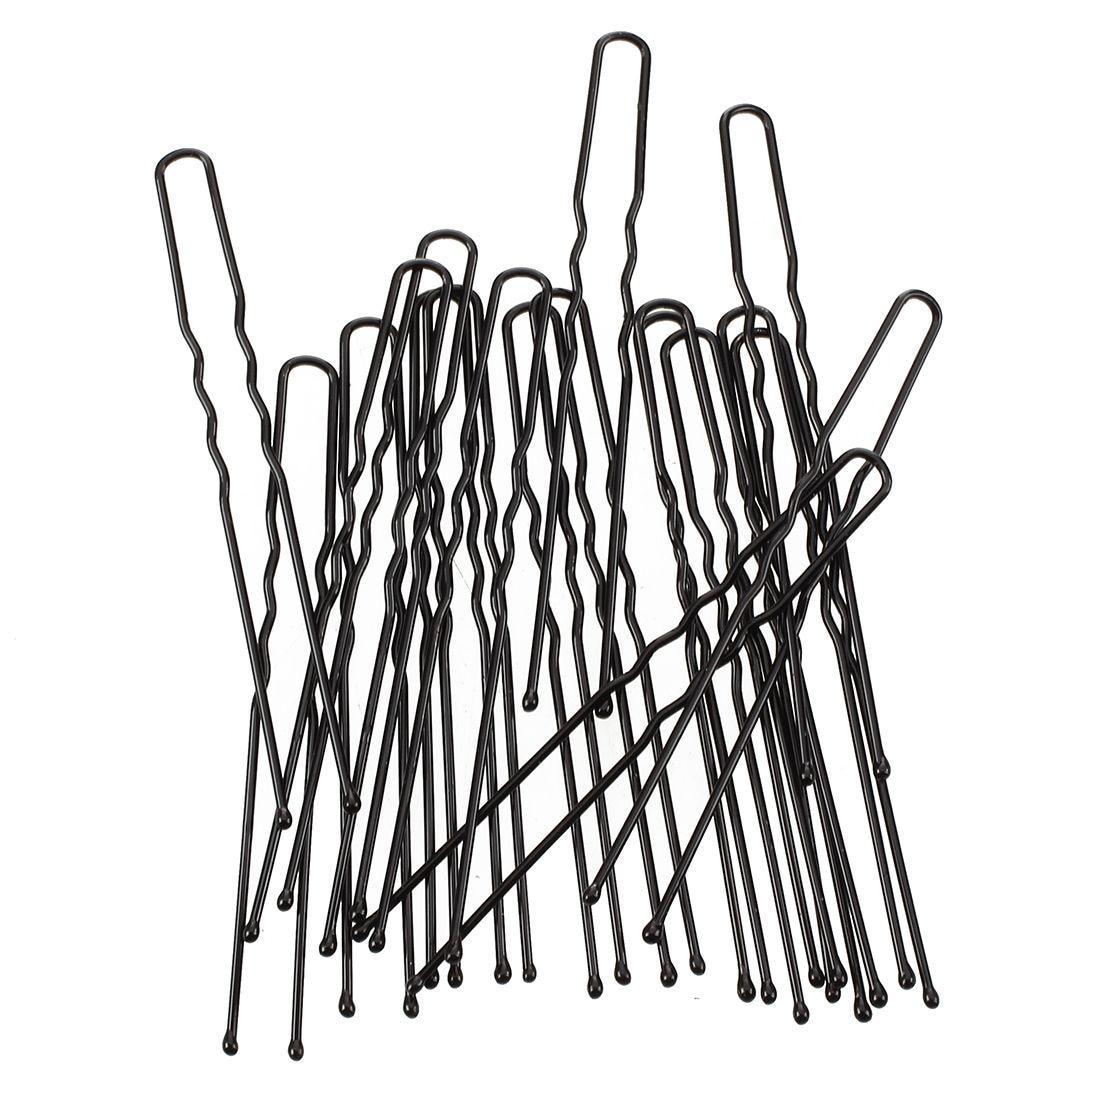 20 Pcs 7cm Long  Hair Pins Barrette  Hair Clip Accessories Hair Clip Studs Pro Metal Pince